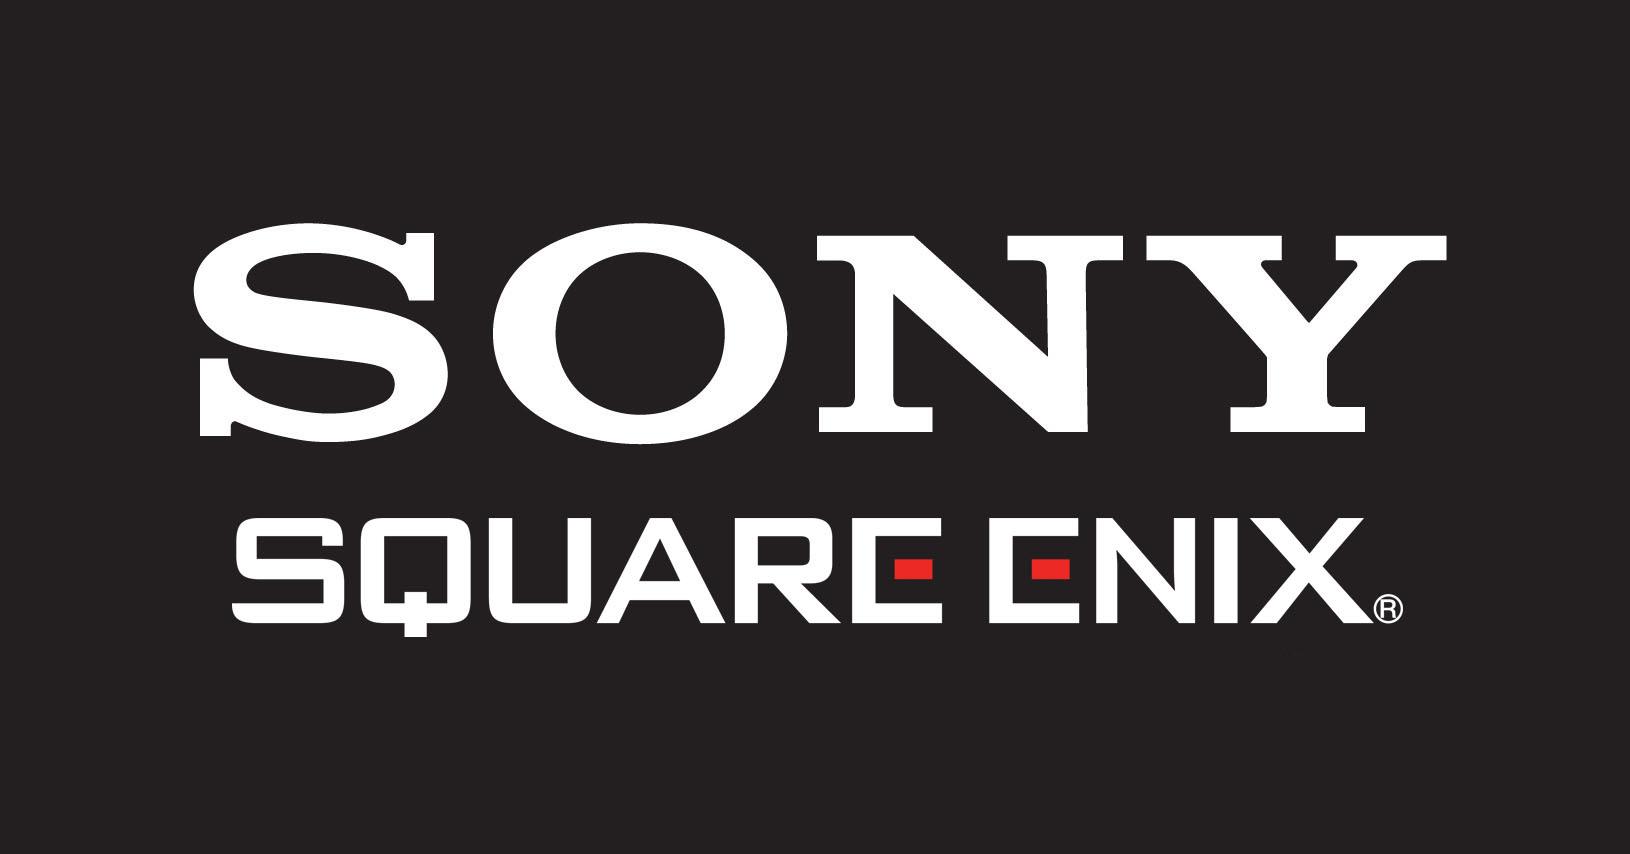 Mempunyai studio film sendiri - 5 Fakta Mengenai Square Enix, Sang Dewa Role-Playing Game